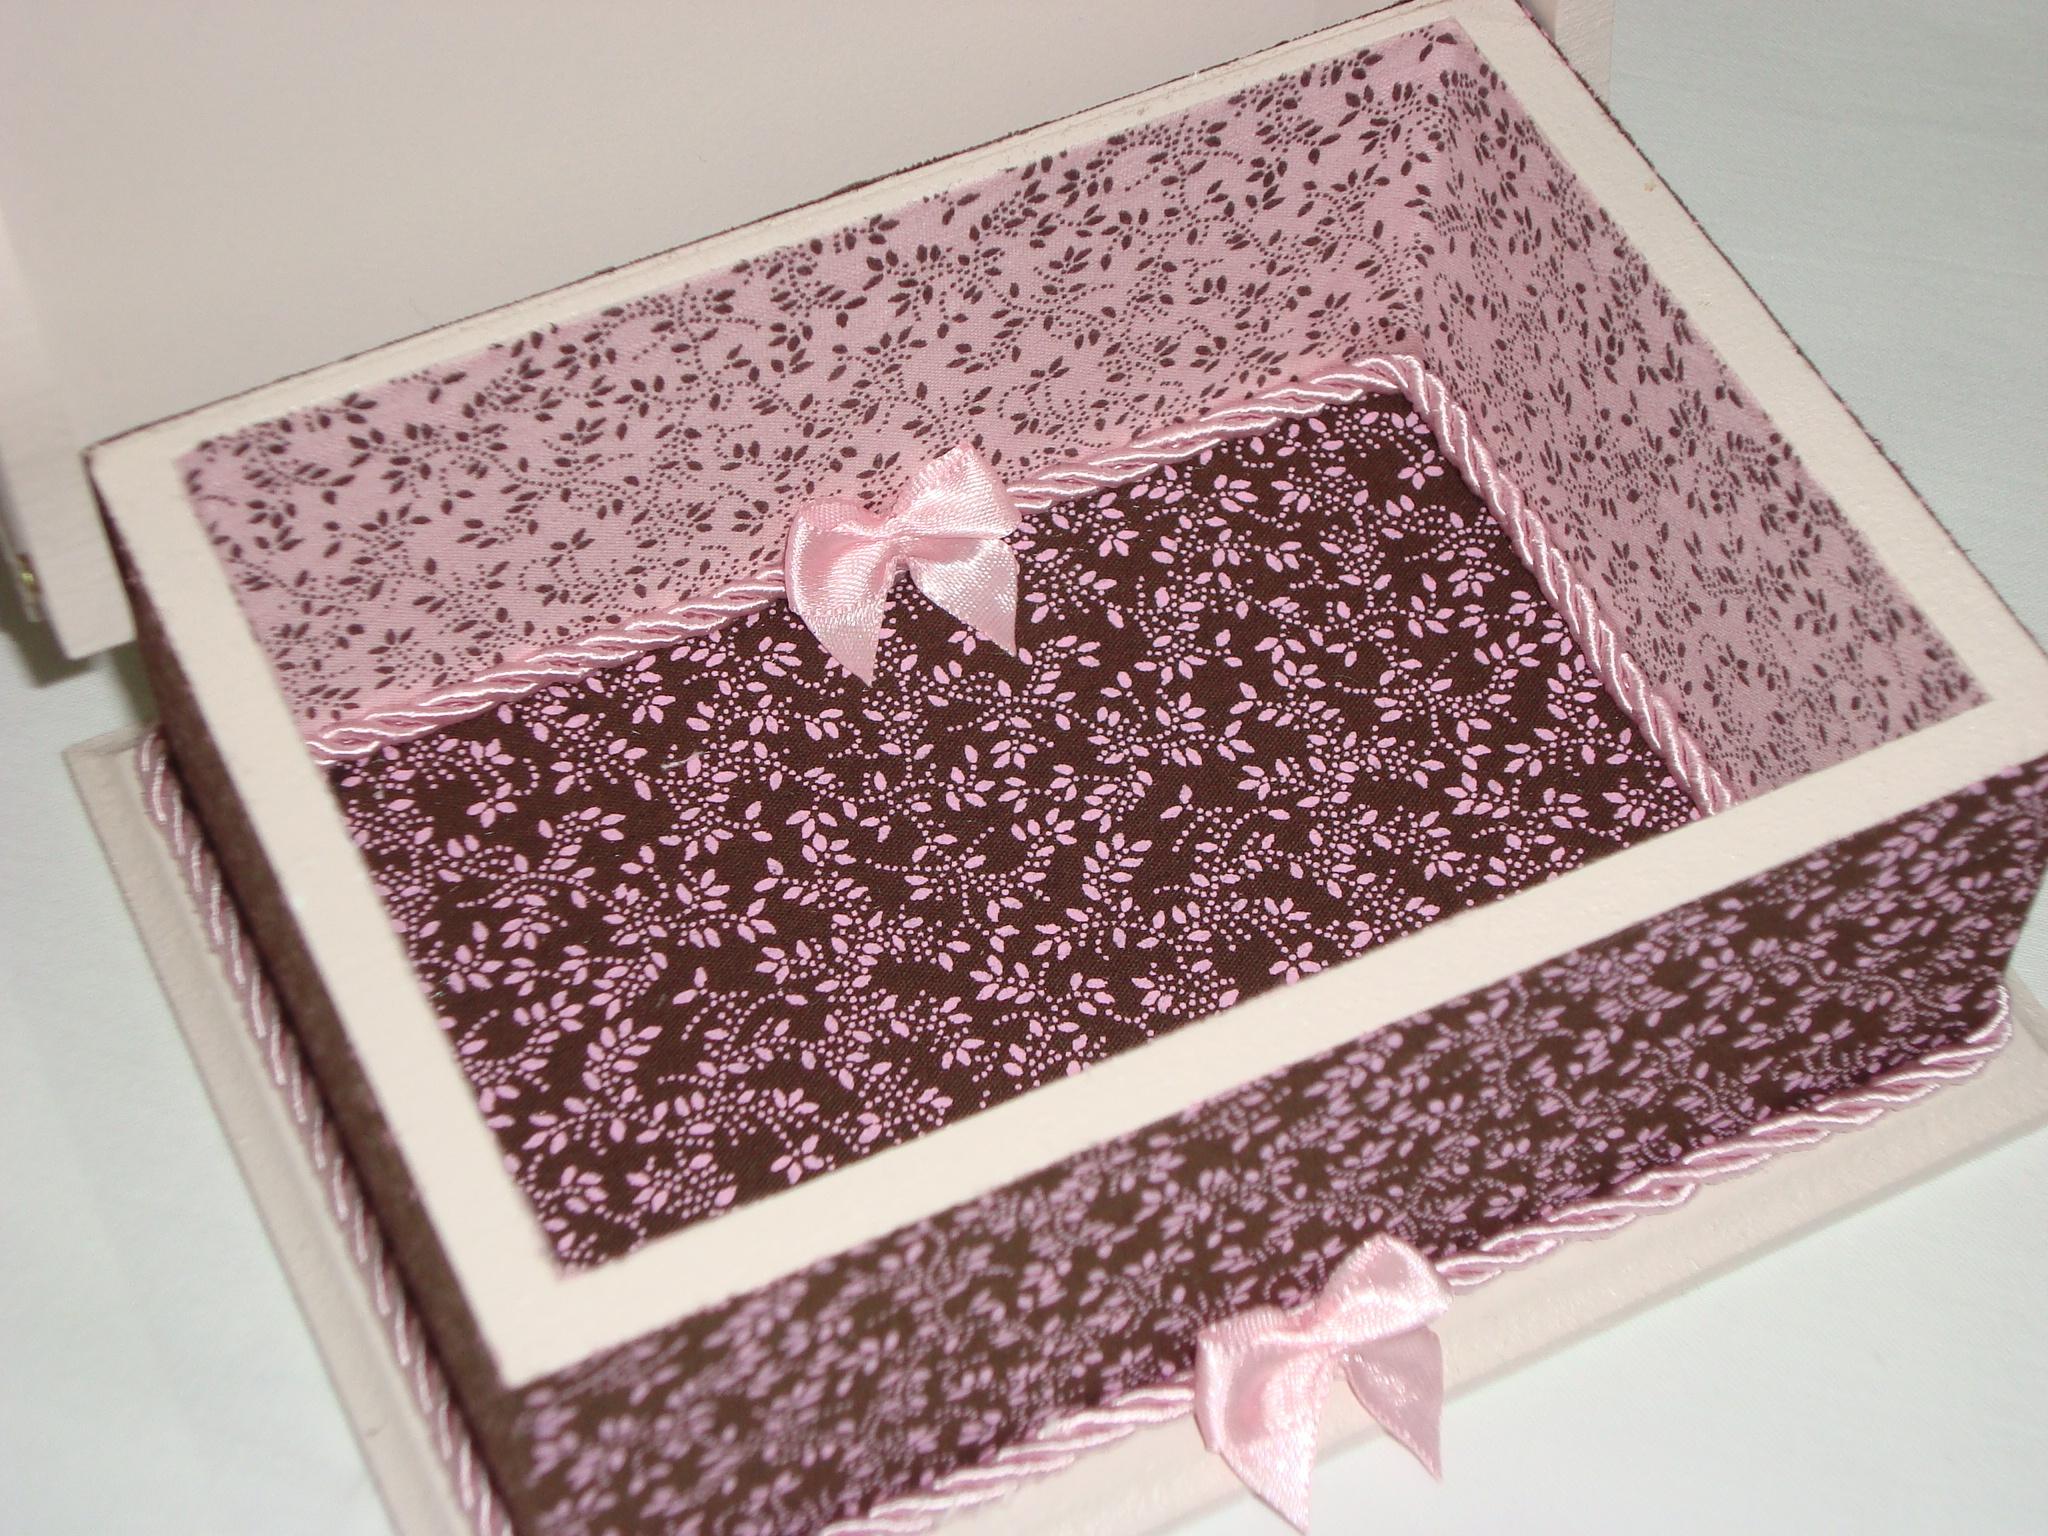 com tecido caixa de madeira decorada com tecido caixa de madeira  #492824 2048x1536